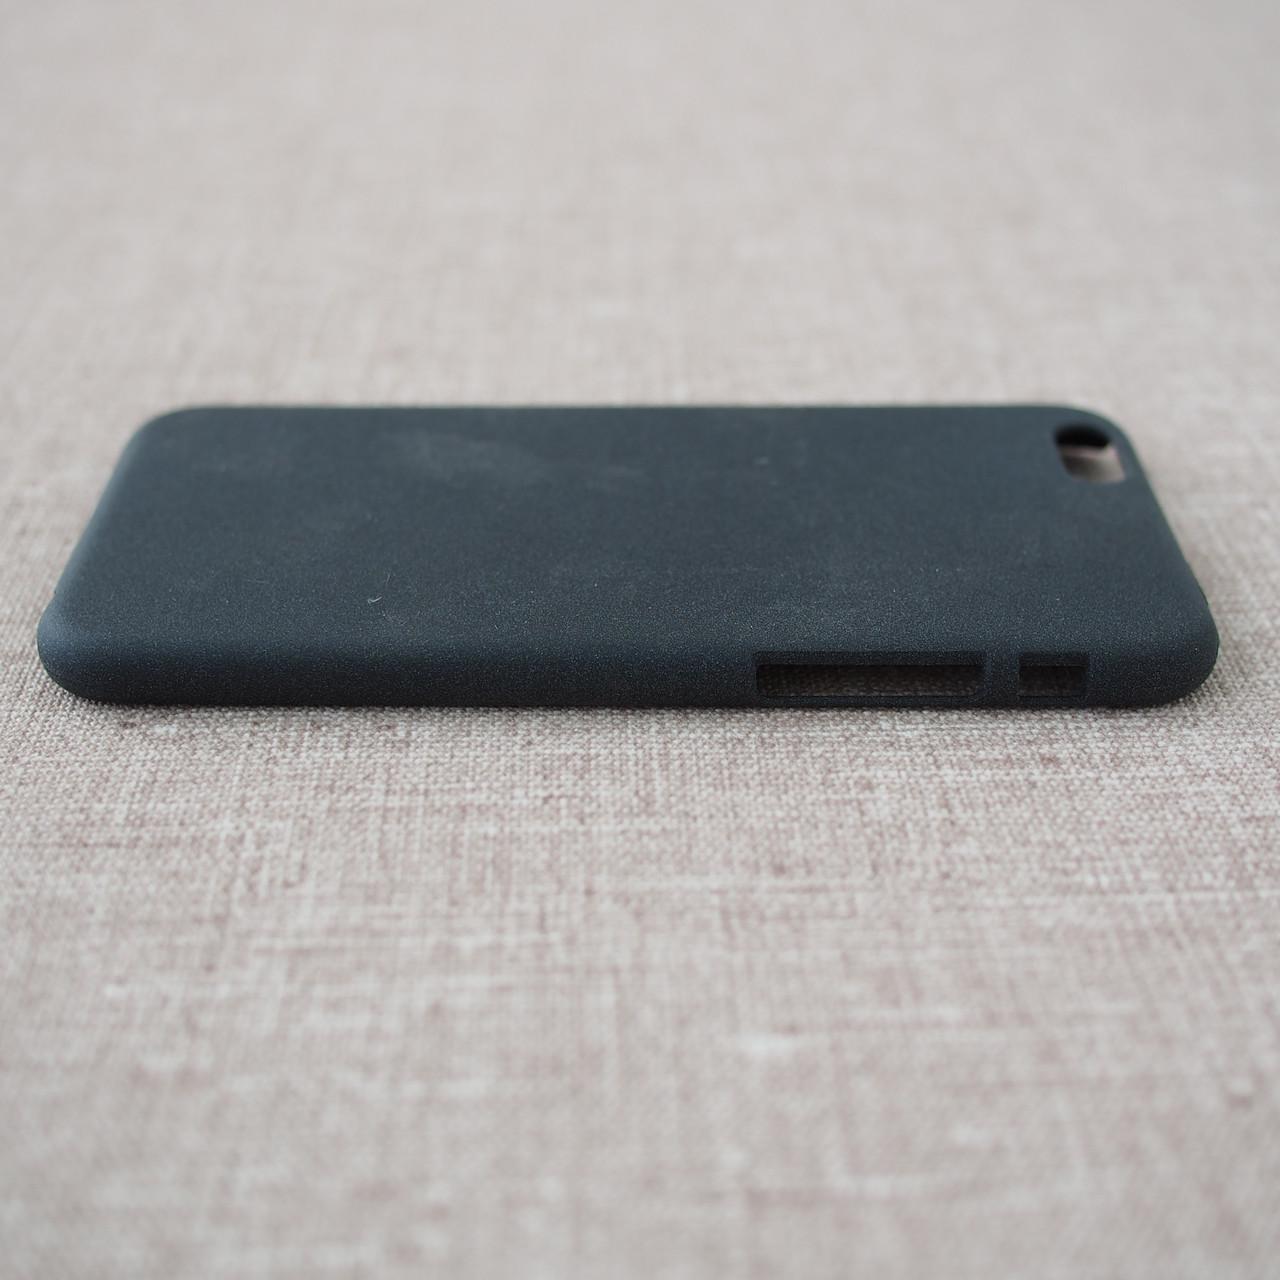 Quicksand iPhone 6 black